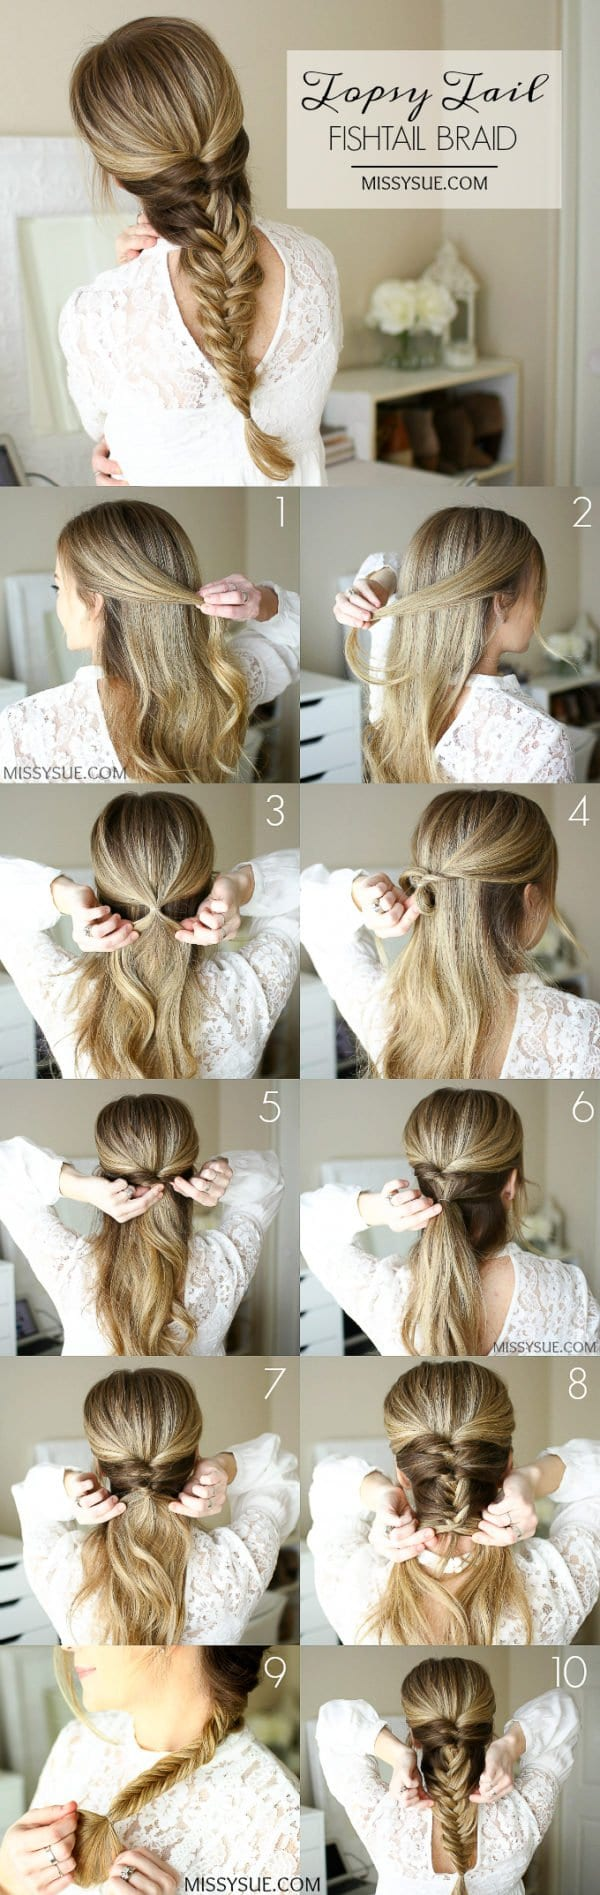 Easy Frisuren Tutorials für beschäftigte Frauen, die Sie weniger als 5 Minuten dauern wird